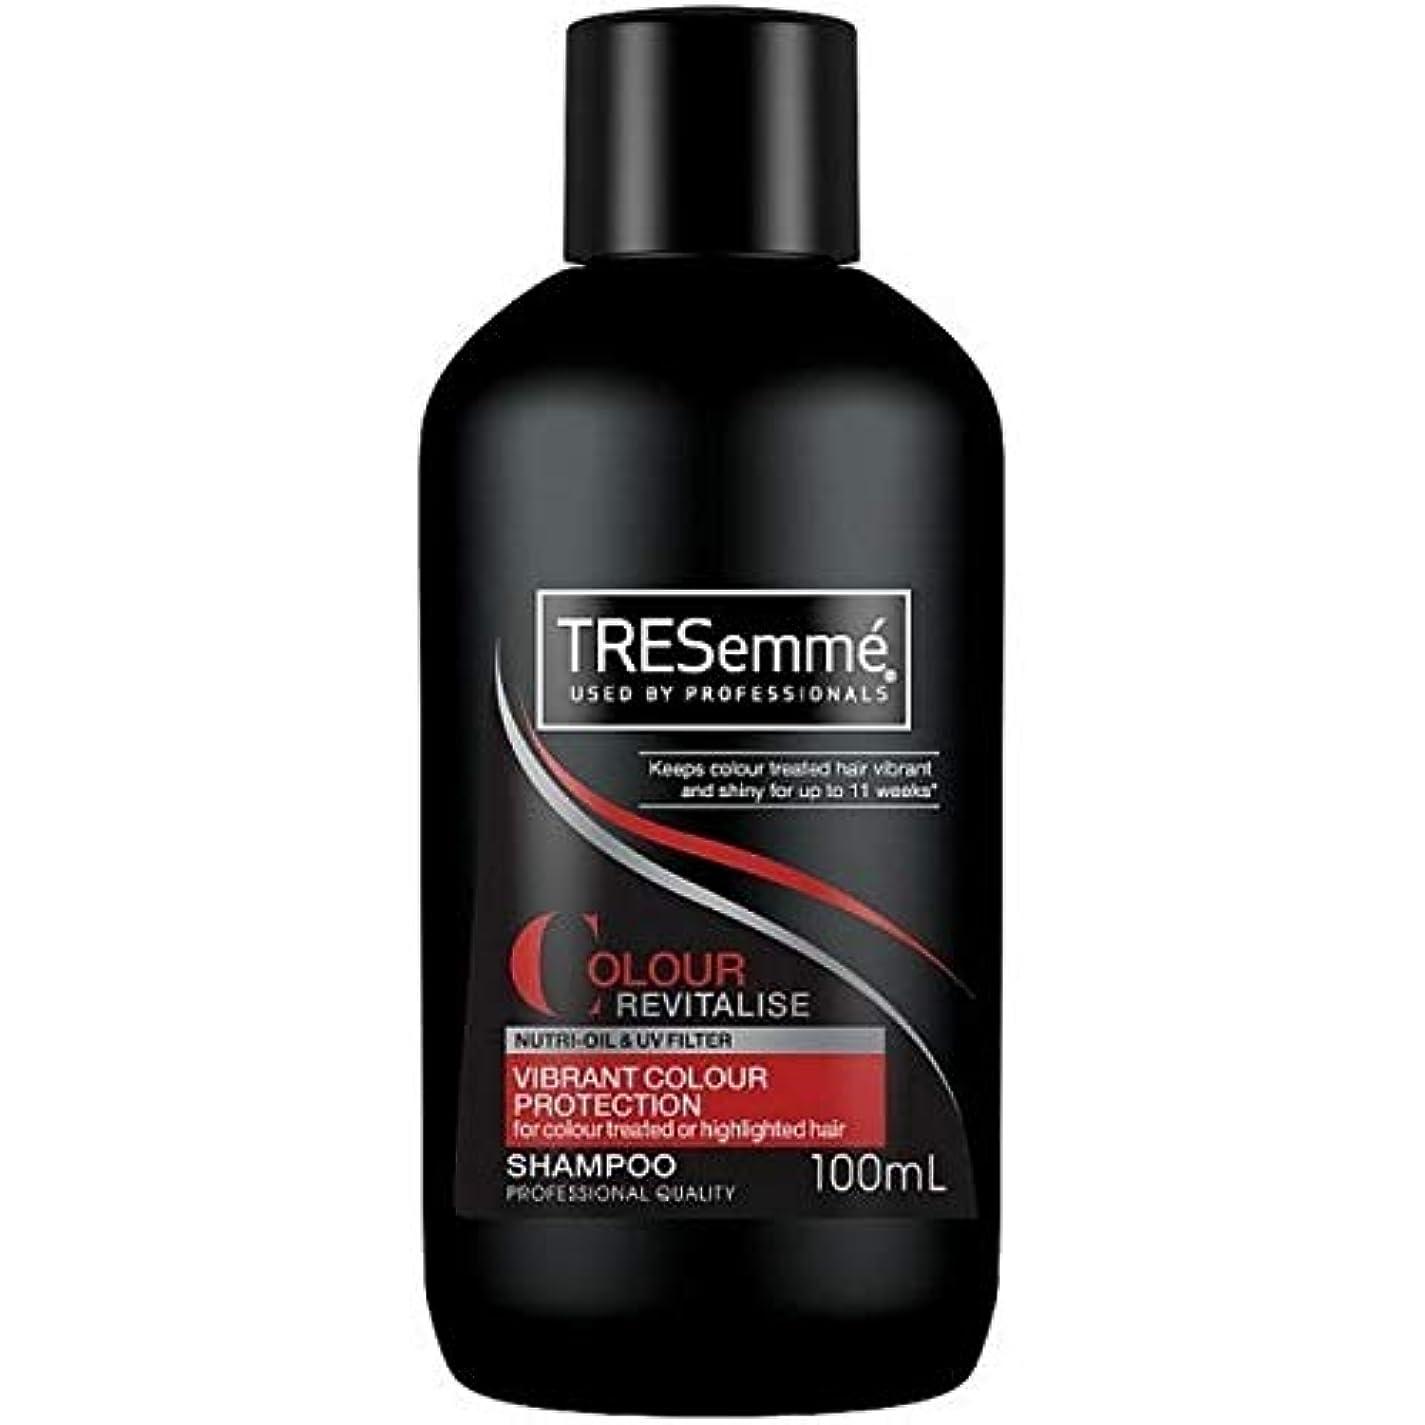 判読できないアンビエント[Tresemme] Tresemme色はカラーフェードシャンプー100ミリリットルを活性化 - TRESemme Colour Revitalise Colour Fade Shampoo 100ml [並行輸入品]